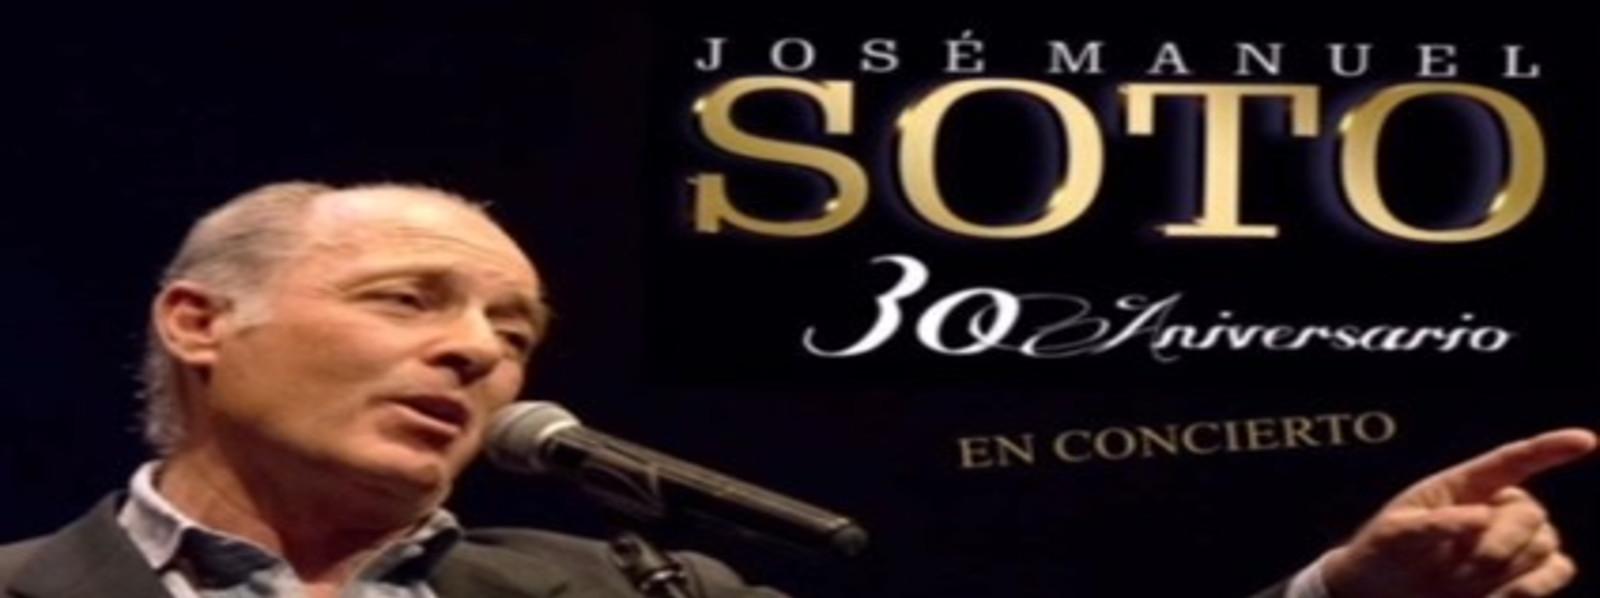 CONCIERTO JOSÉ MANUEL SOTO